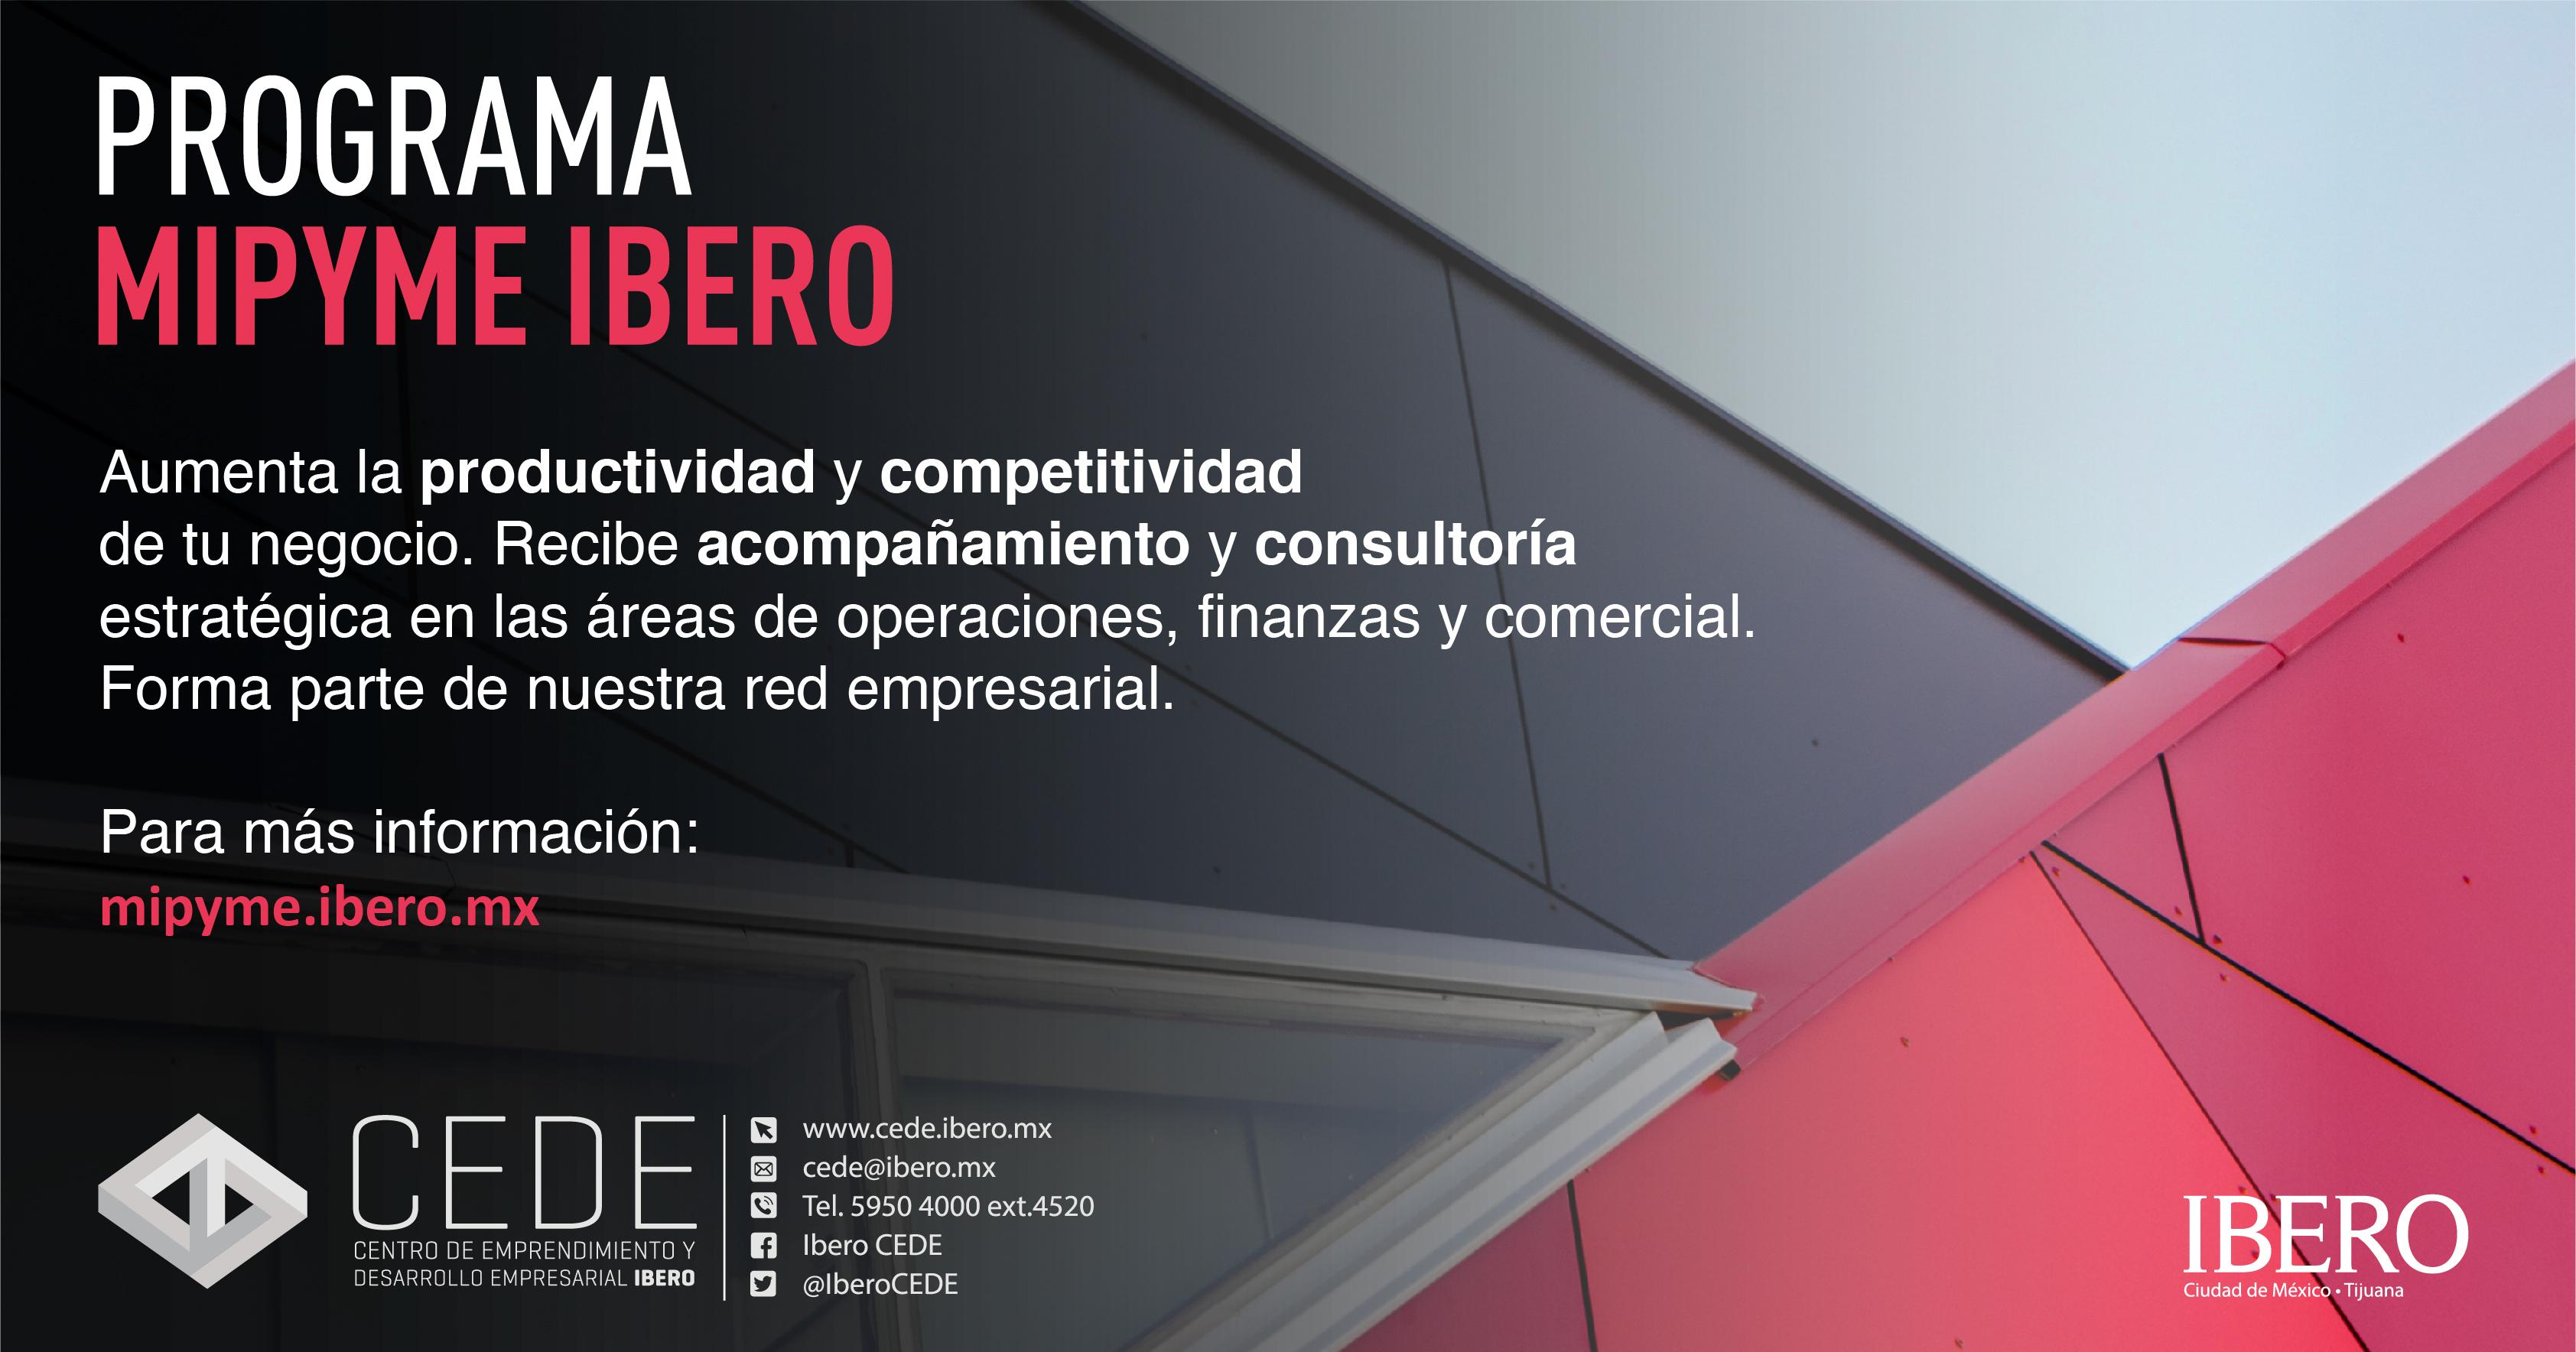 Universidad IBERO convoca a Pymes mexicanas a formar parte de su programa de acompañamiento y consultoría empresarial.